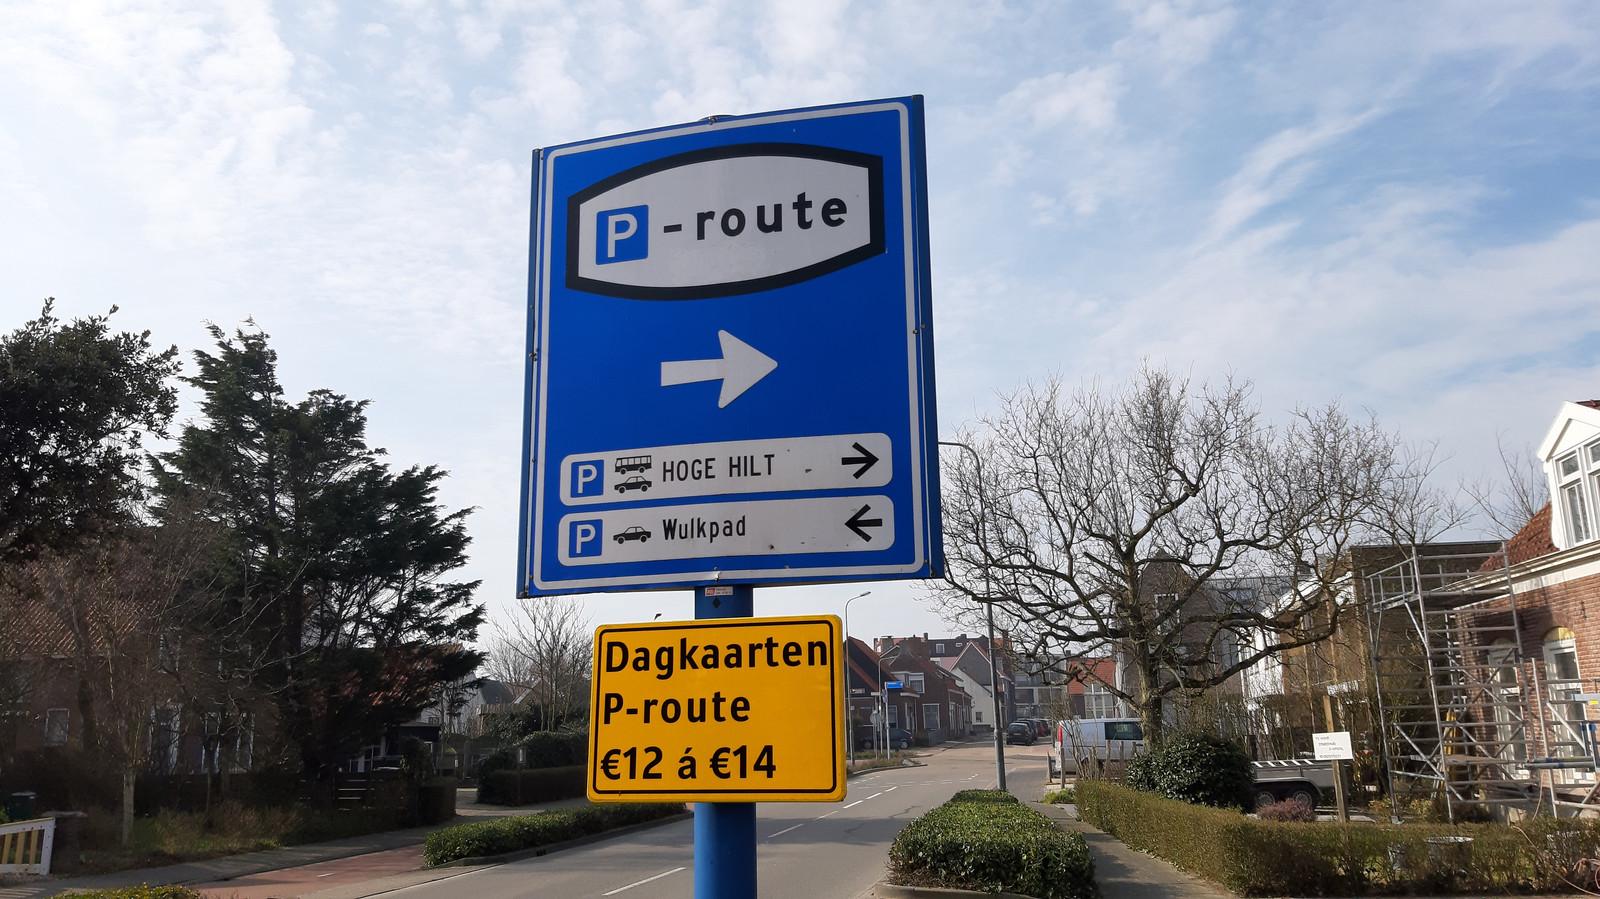 Tot april moest er niet betaald worden om te parkeren in Zoutelande. Nu moet er 12 of 14 euro betaald worden om aan de rand van het dorp de auto neer te zetten.